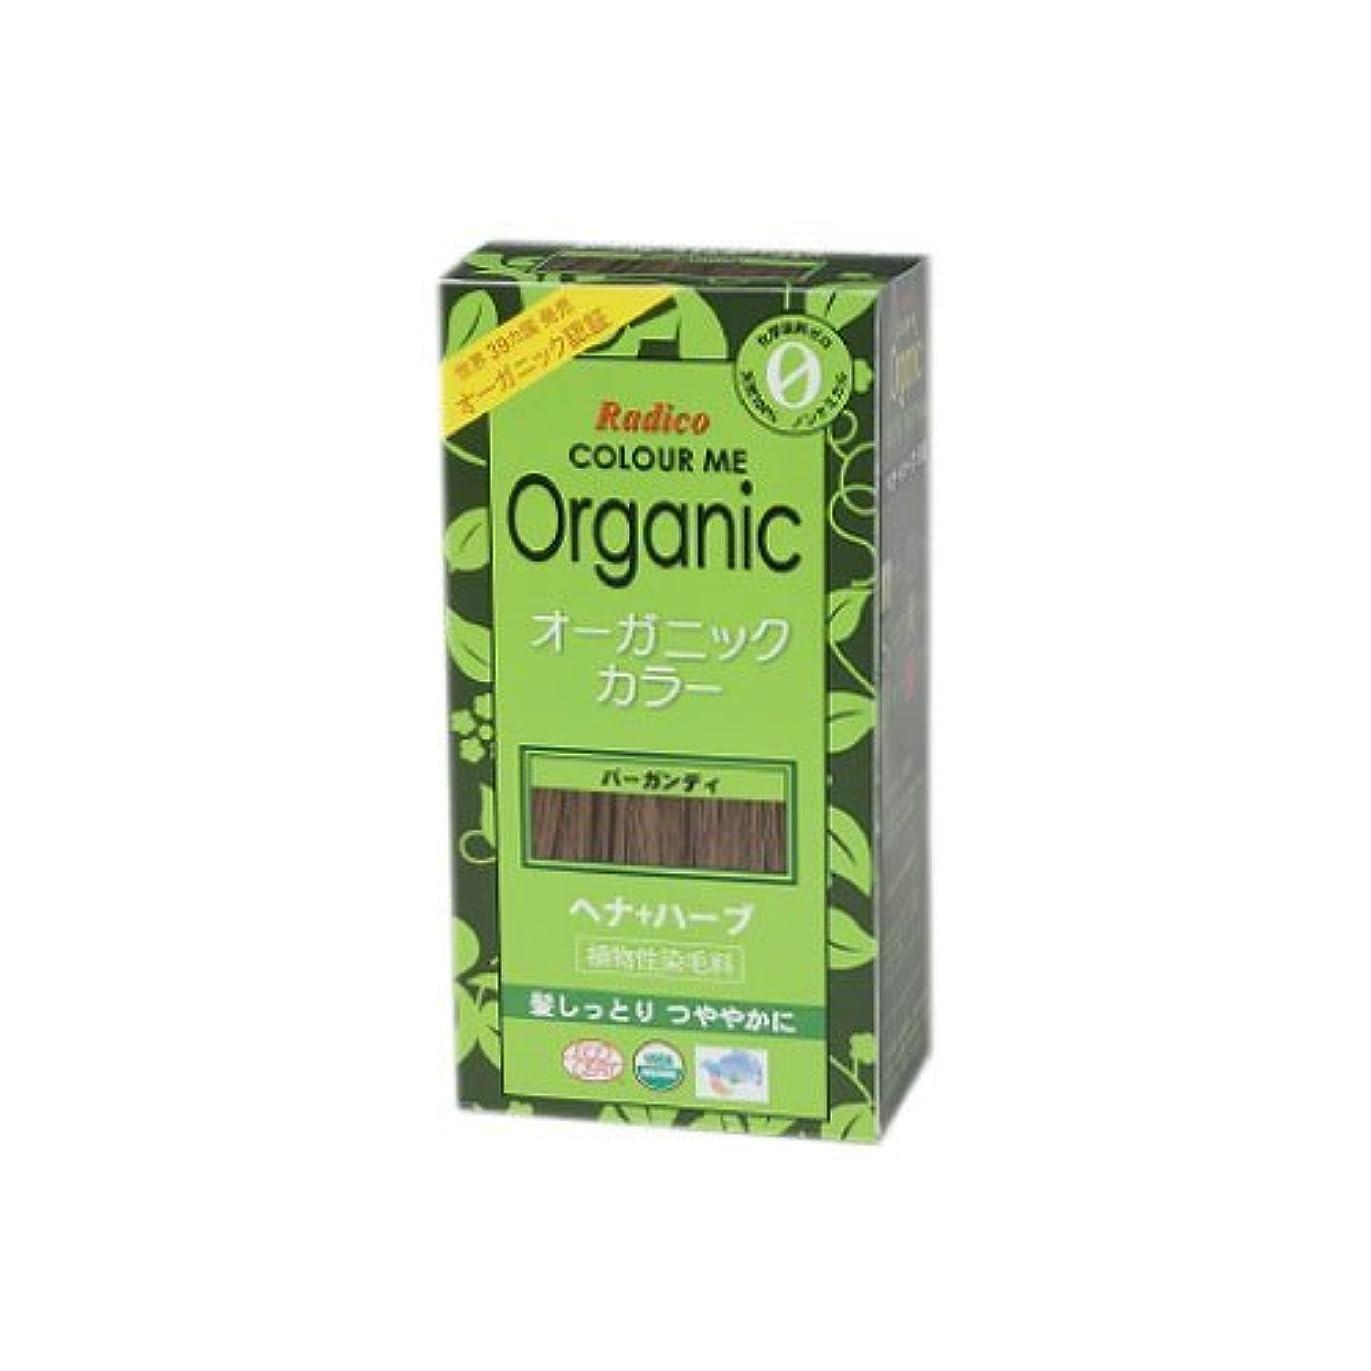 役に立つ野心的泥棒COLOURME Organic (カラーミーオーガニック ヘナ 白髪用) バーガンディ 100g